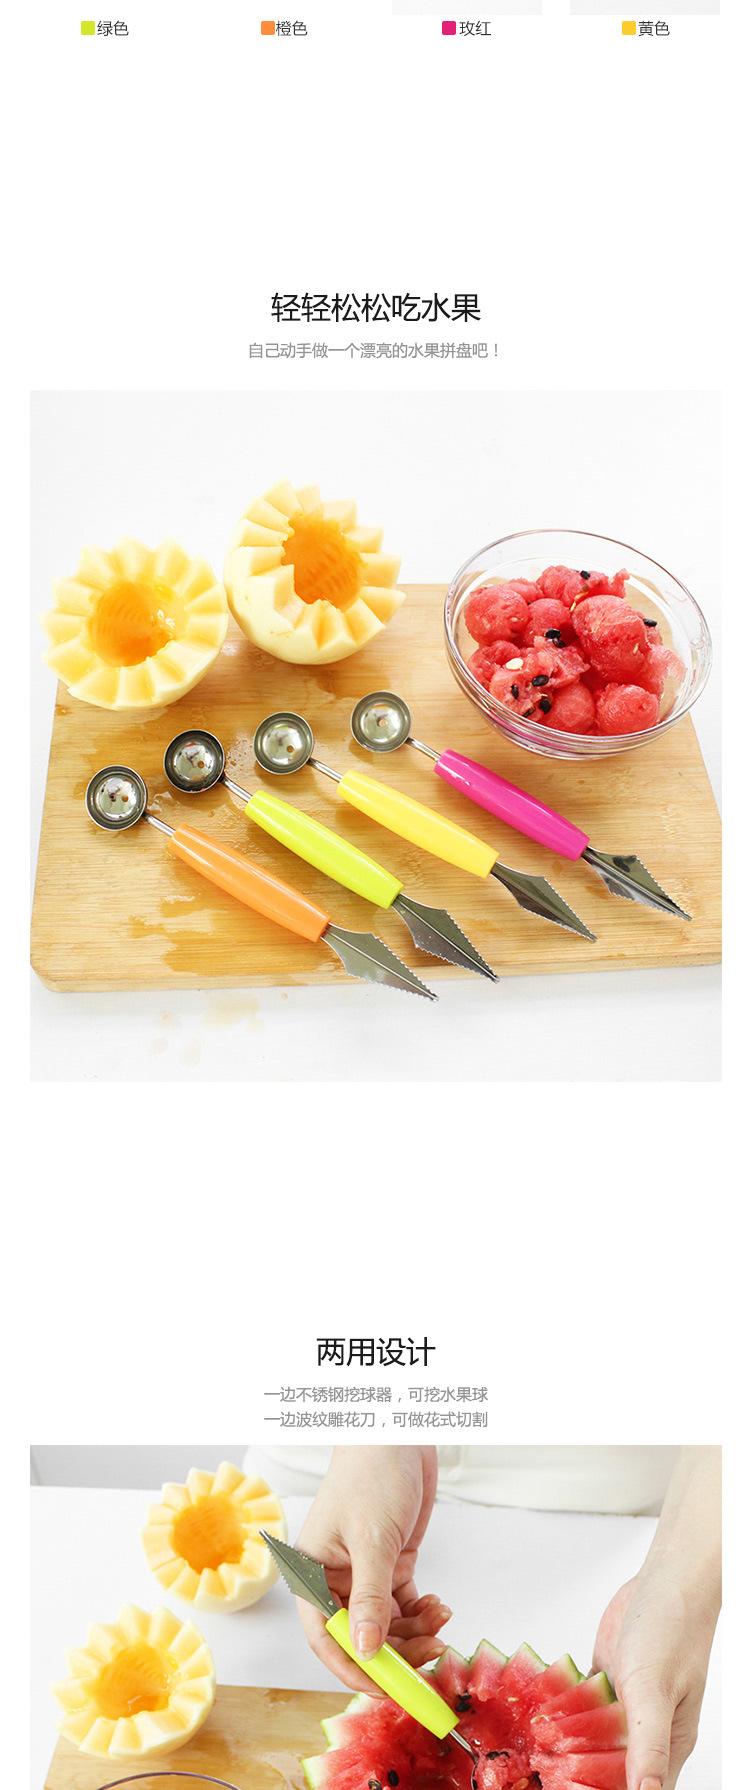 冰激凌西瓜水果拼盘挖勺